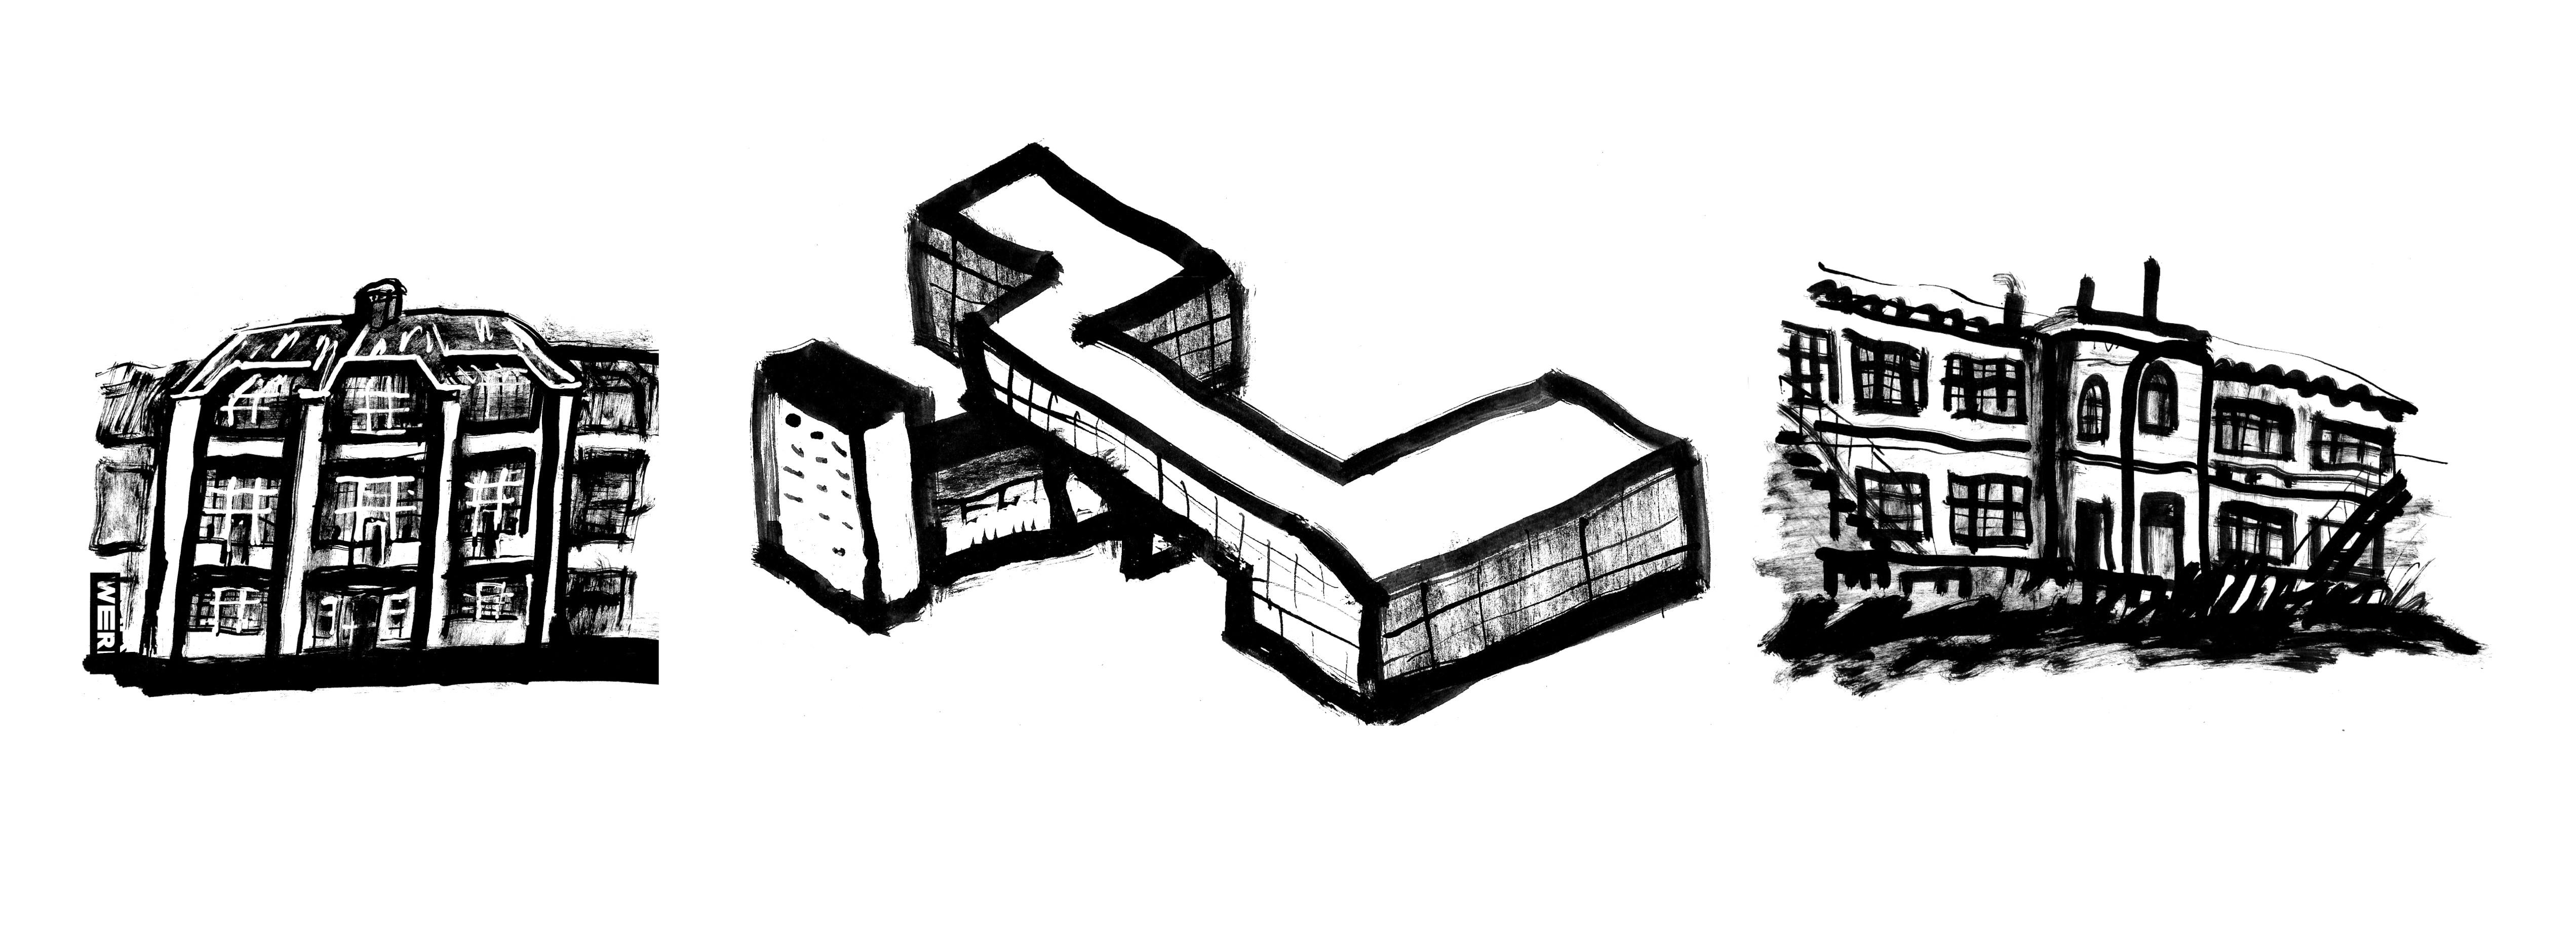 Блог Кати Осиной. Рисунки из Путешествий. Как понять Баухаус? Адреса школ